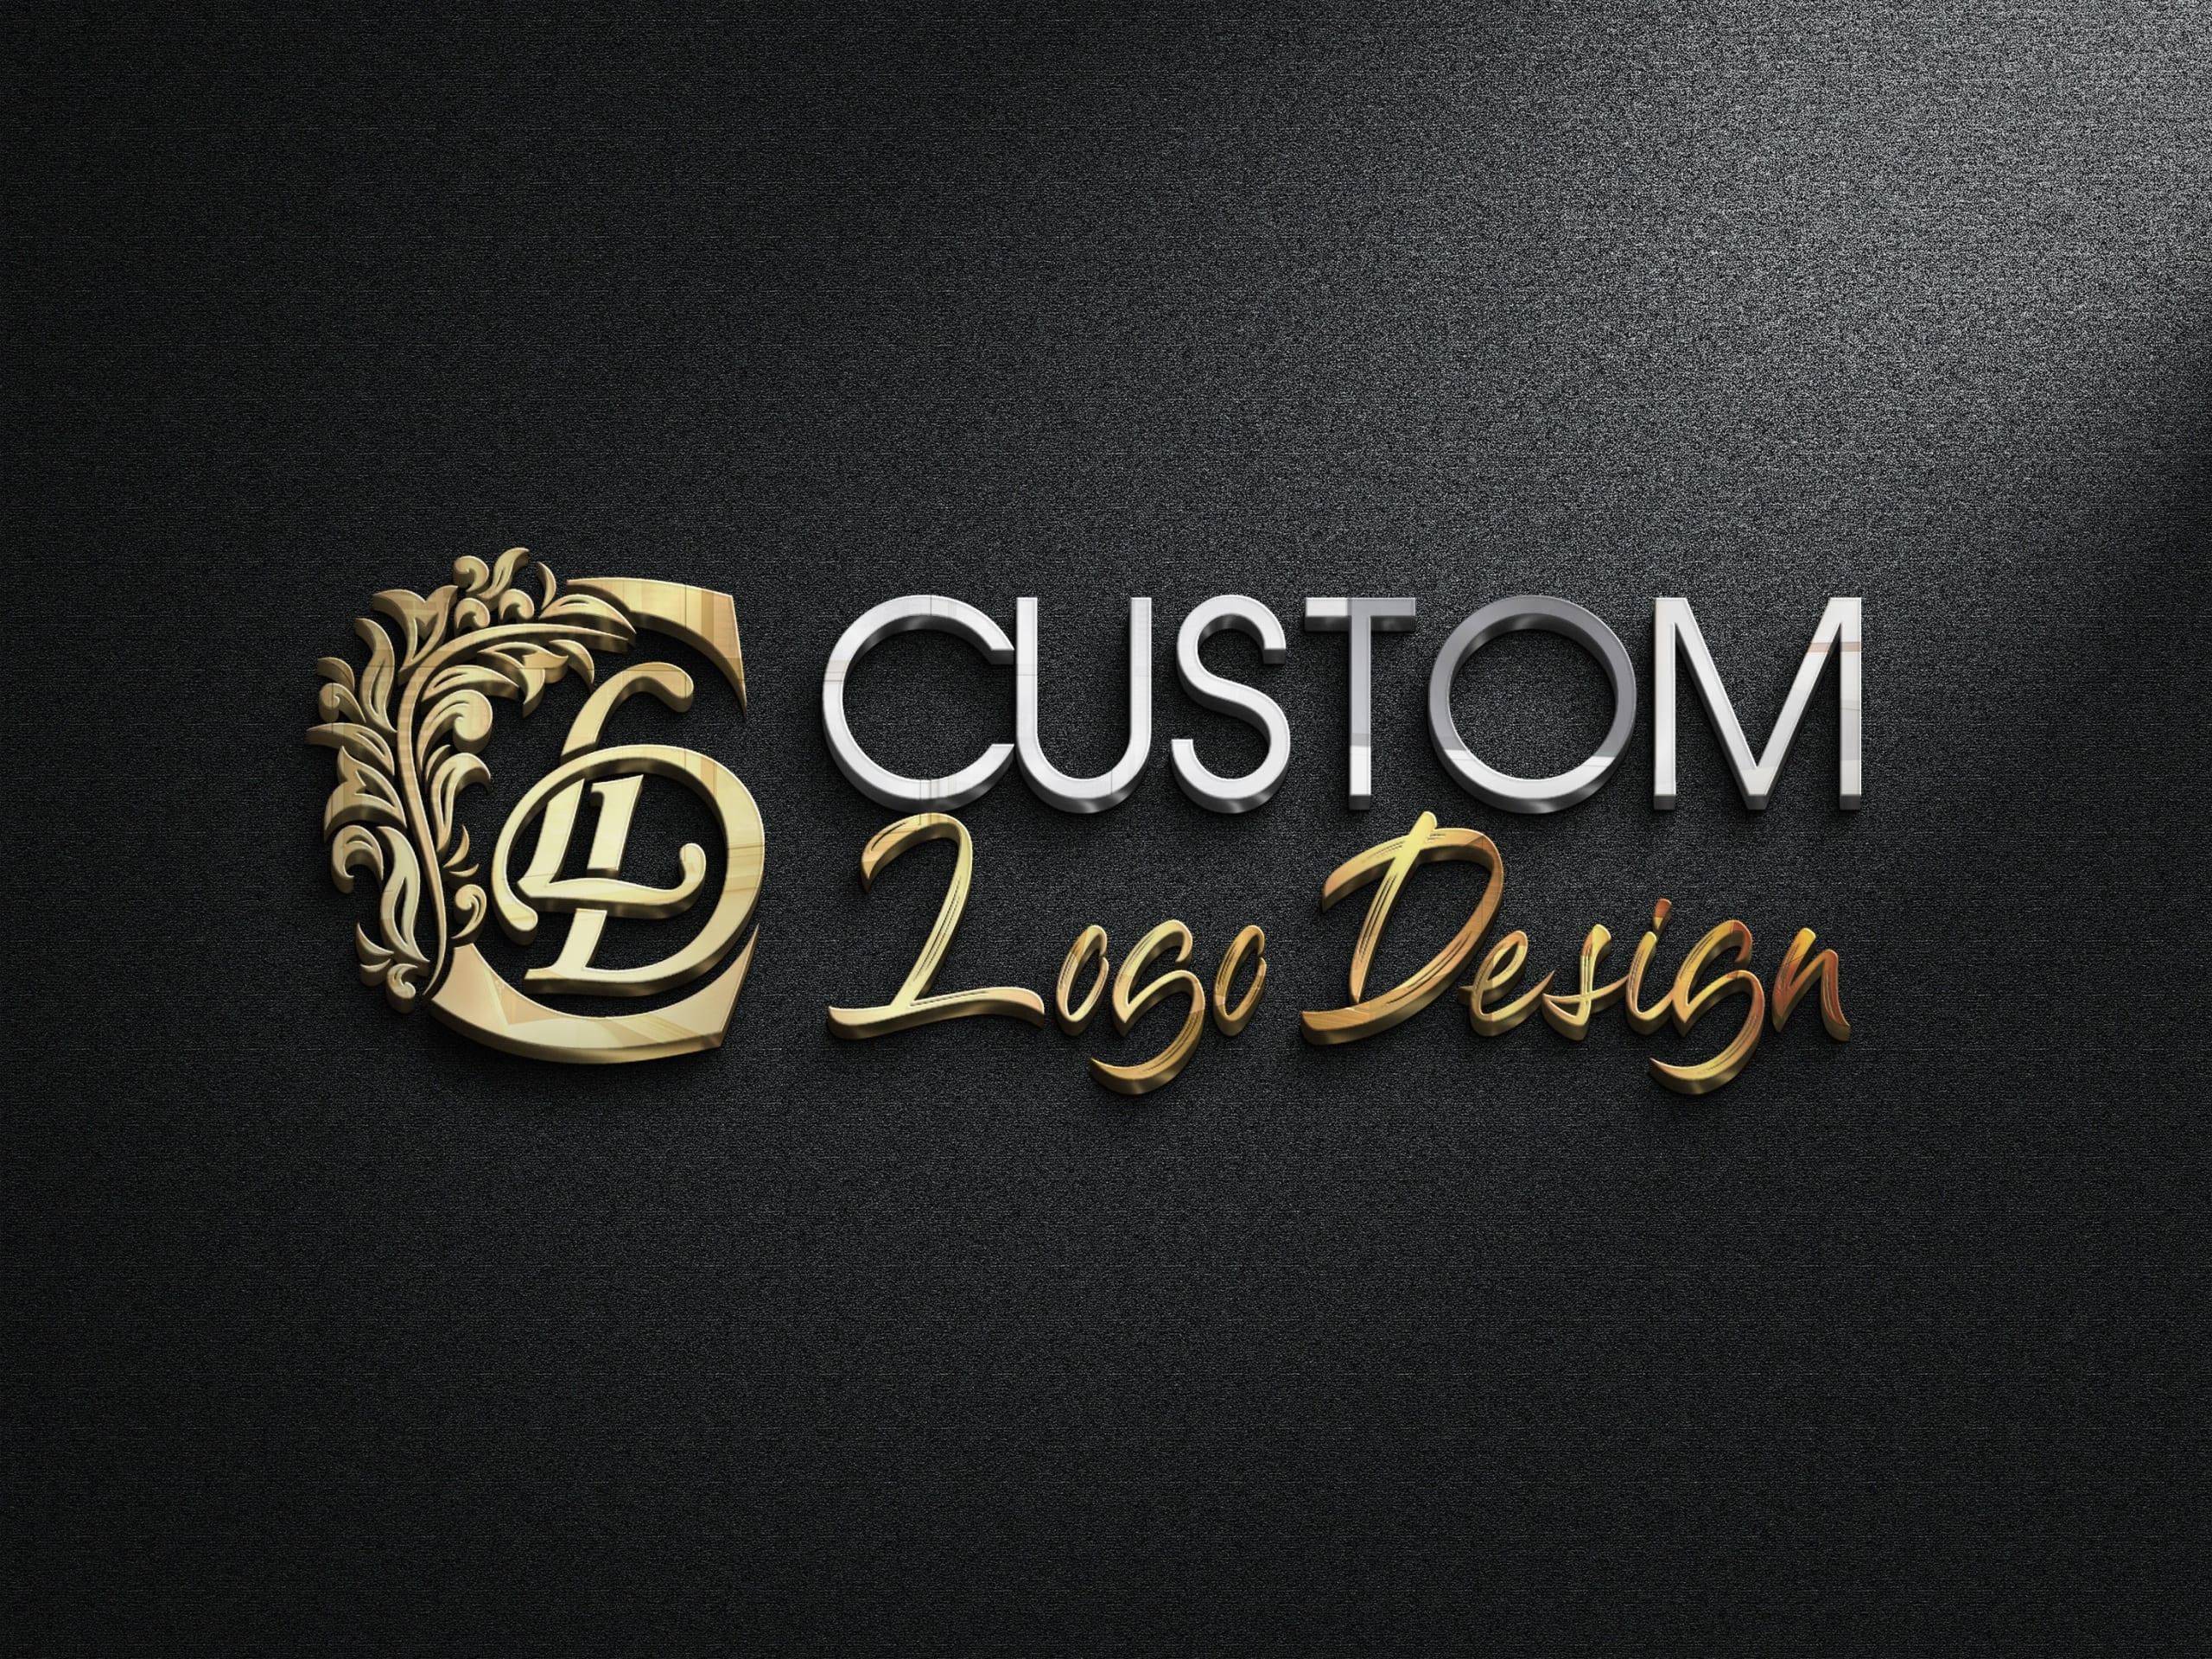 custom-logo-design-company-portfolio